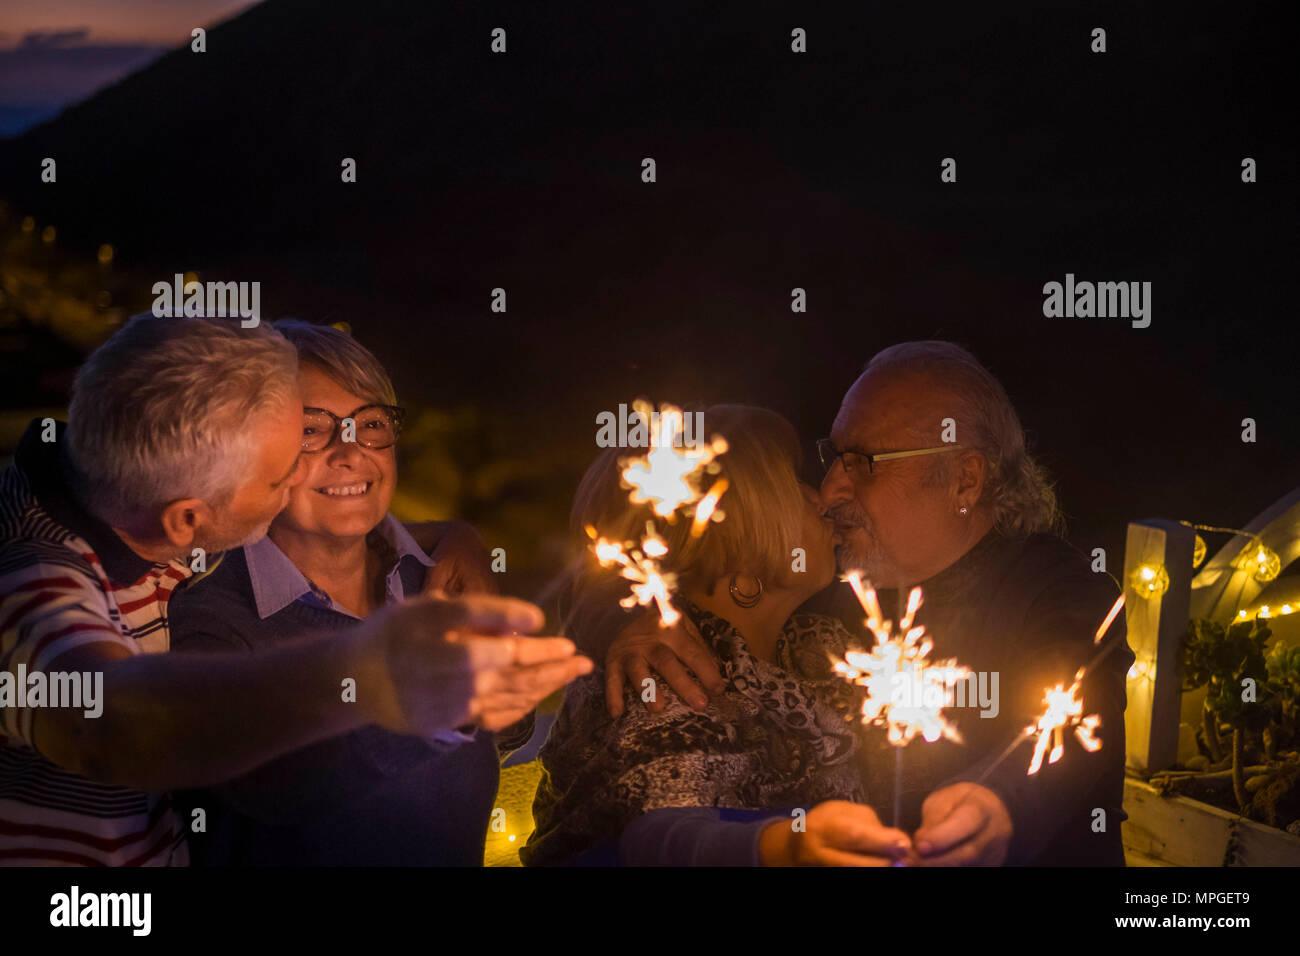 Dos pareja beso y celebrar eventos, como cumpleaños o el día de año nuevo con brillos exteriores. felicidad y esperanza para el futuro concepto de estilo de vida senior r Imagen De Stock